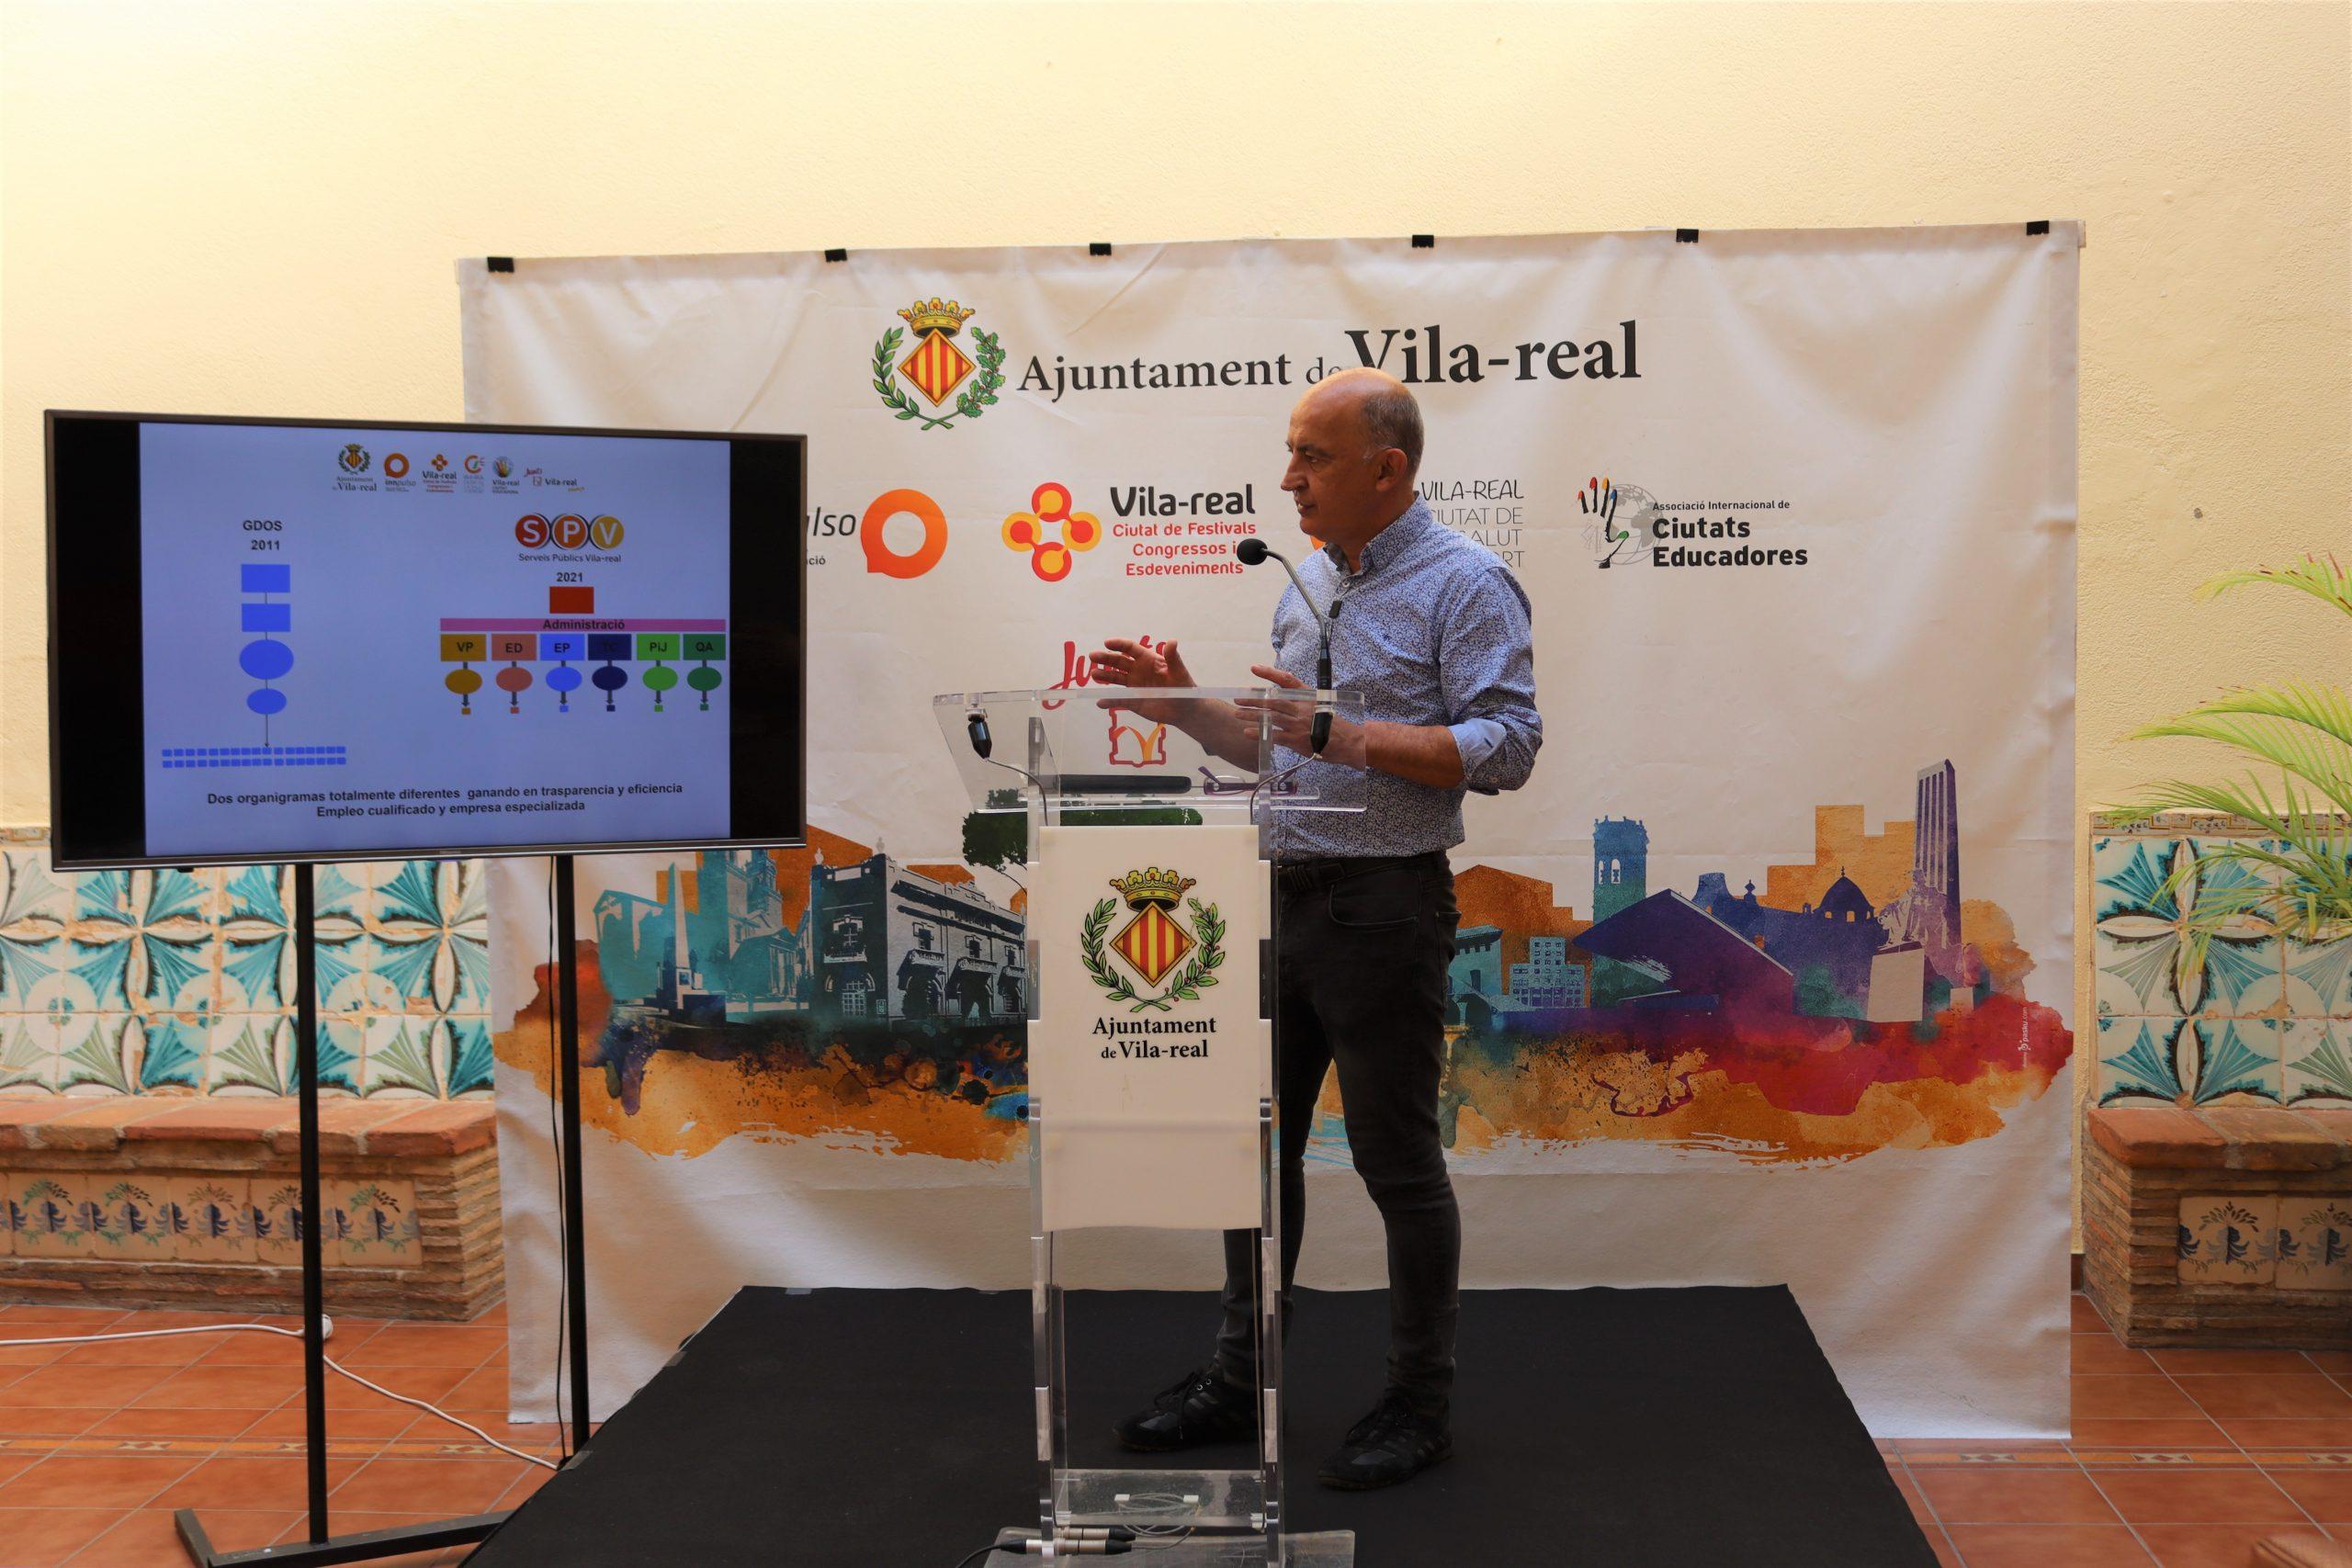 Valverde destaca los avances en el modelo de ciudad inteligente, la mejora de la accesibilidad y la creación de un entorno más amable con el peatón tras 10 años de gestión en Servicios Públicos